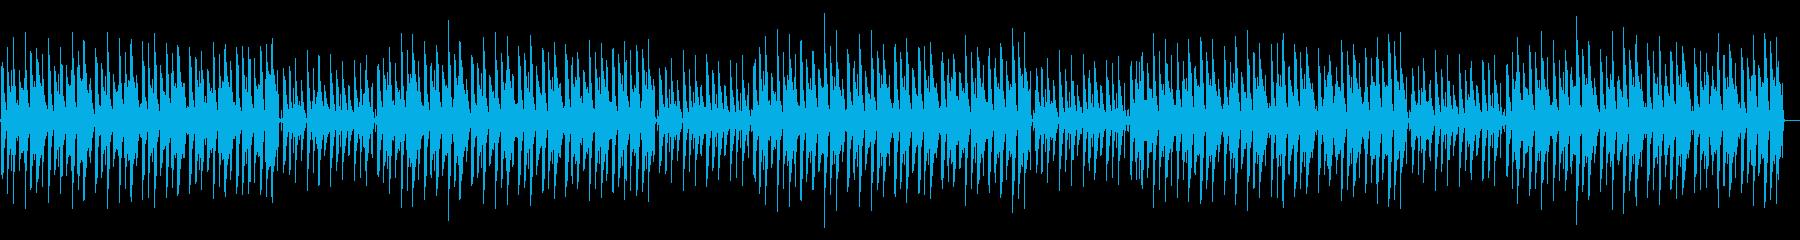 """Heartwarming weakness system """"Twinkle, twinkle, little star""""'s reproduced waveform"""